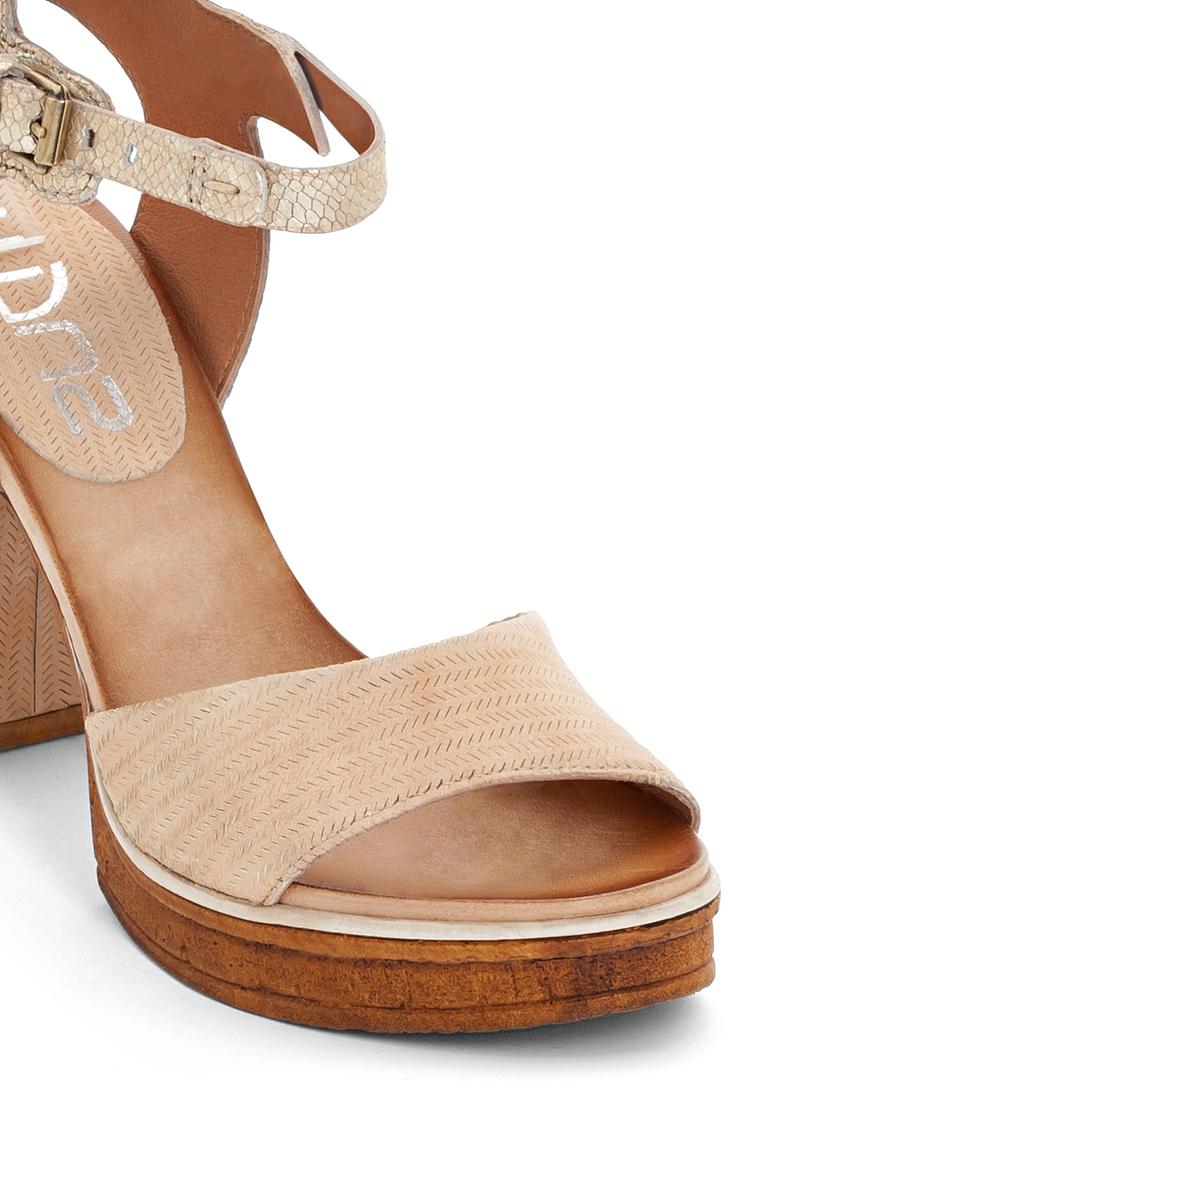 Босоножки кожаные на каблуке CreekВерх/Голенище : кожа  Подкладка : кожа  Стелька : кожа  Подошва : резина  Высота каблука : 10,5 cм  Форма каблука : широкий каблук  Мысок : закругленный мысок Застежка : ремешок<br><br>Цвет: бежевый/золотистый<br>Размер: 39